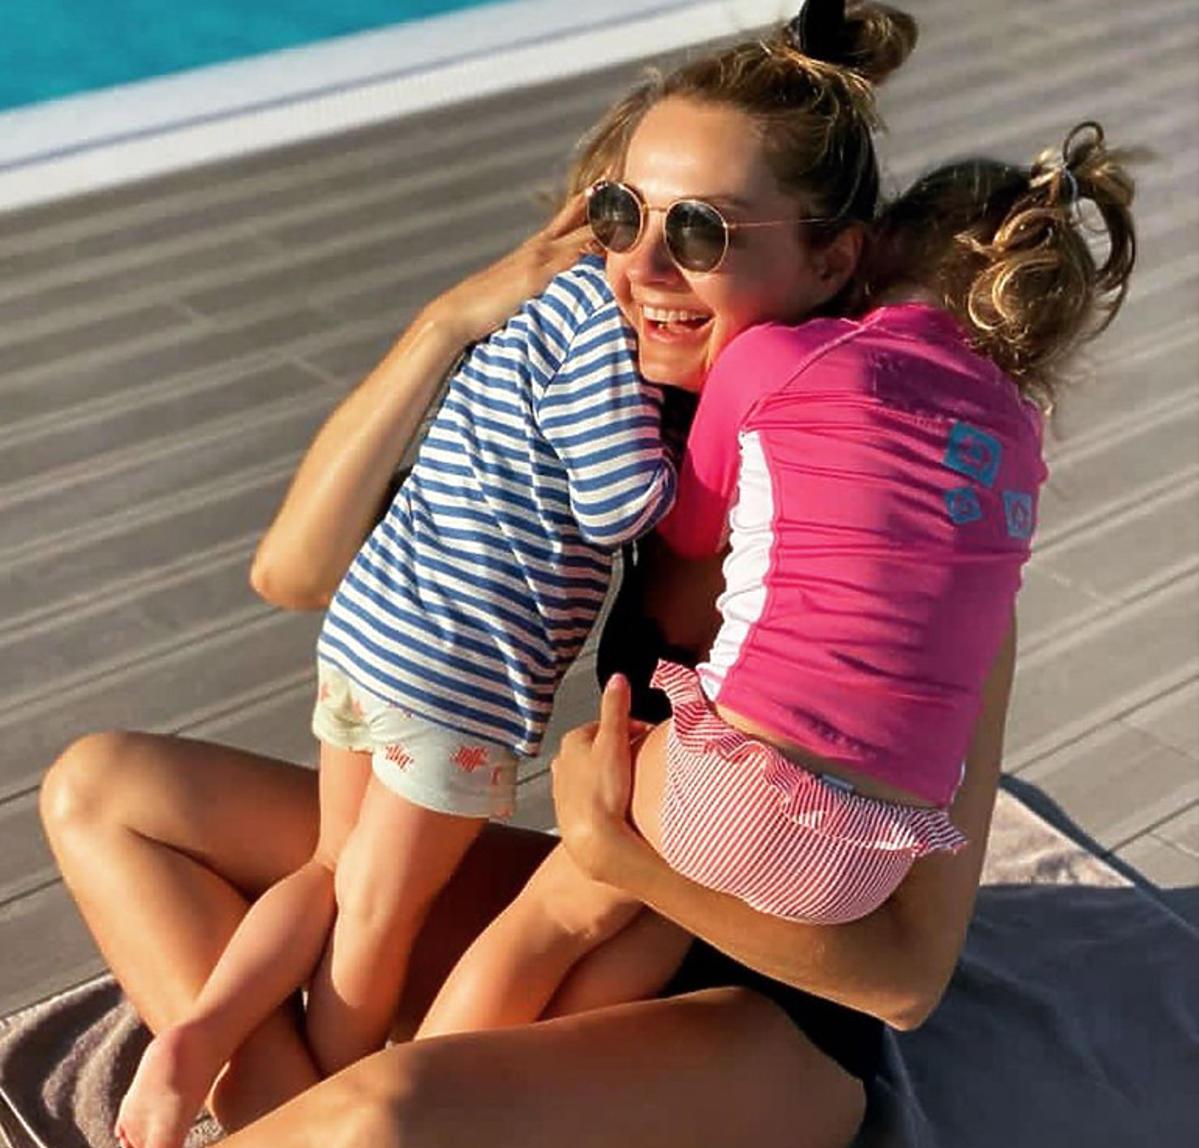 Małgorzata Socha z dziećmi na wakacjach